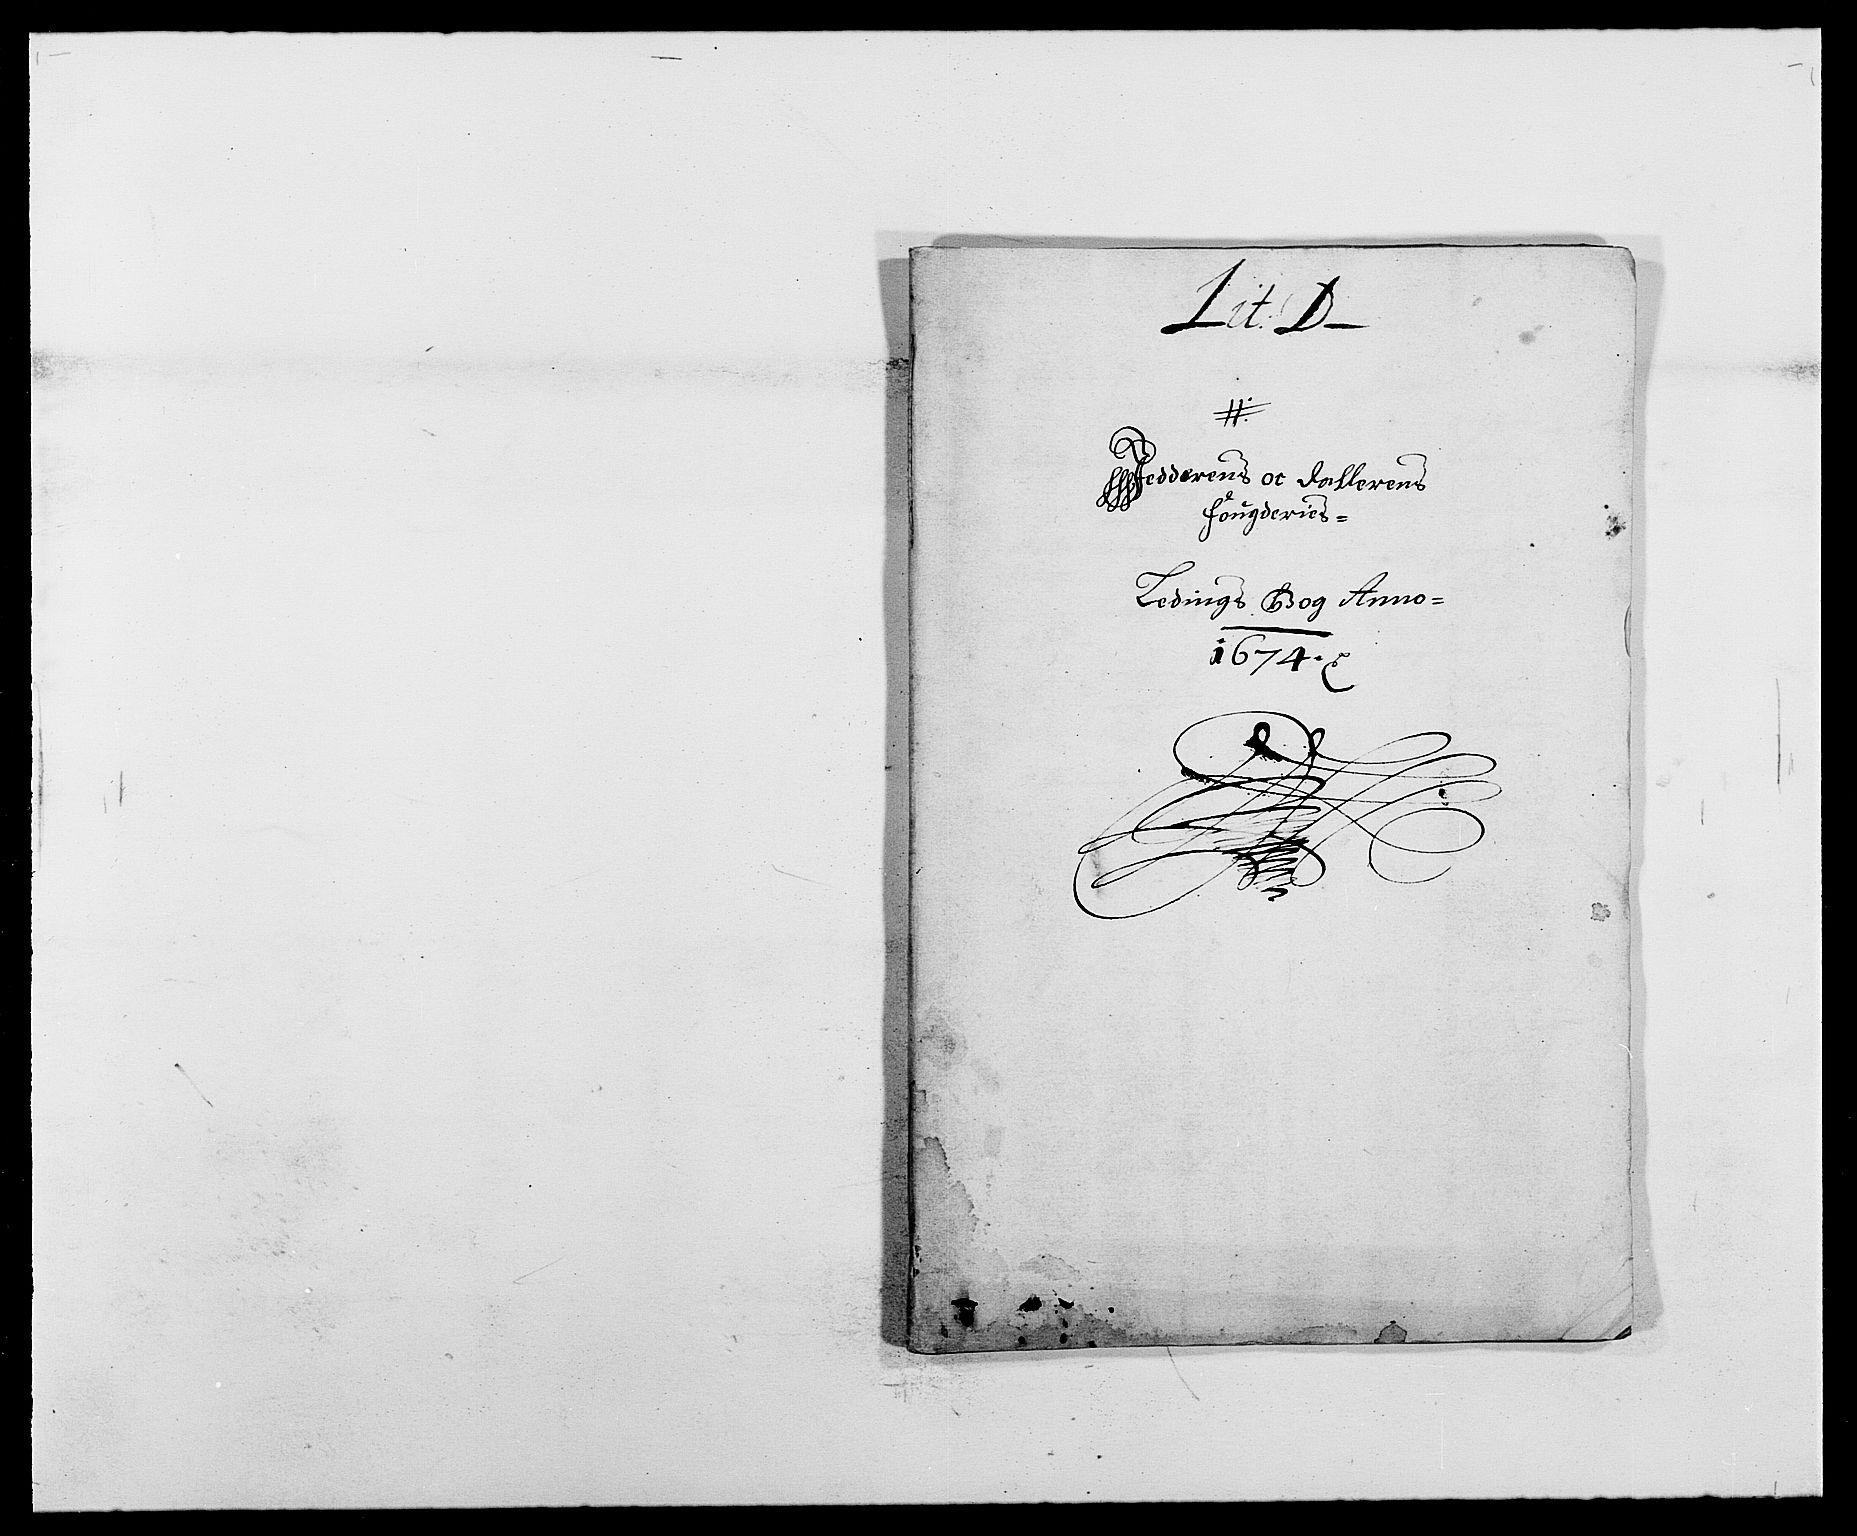 RA, Rentekammeret inntil 1814, Reviderte regnskaper, Fogderegnskap, R46/L2714: Fogderegnskap Jæren og Dalane, 1673-1674, s. 320